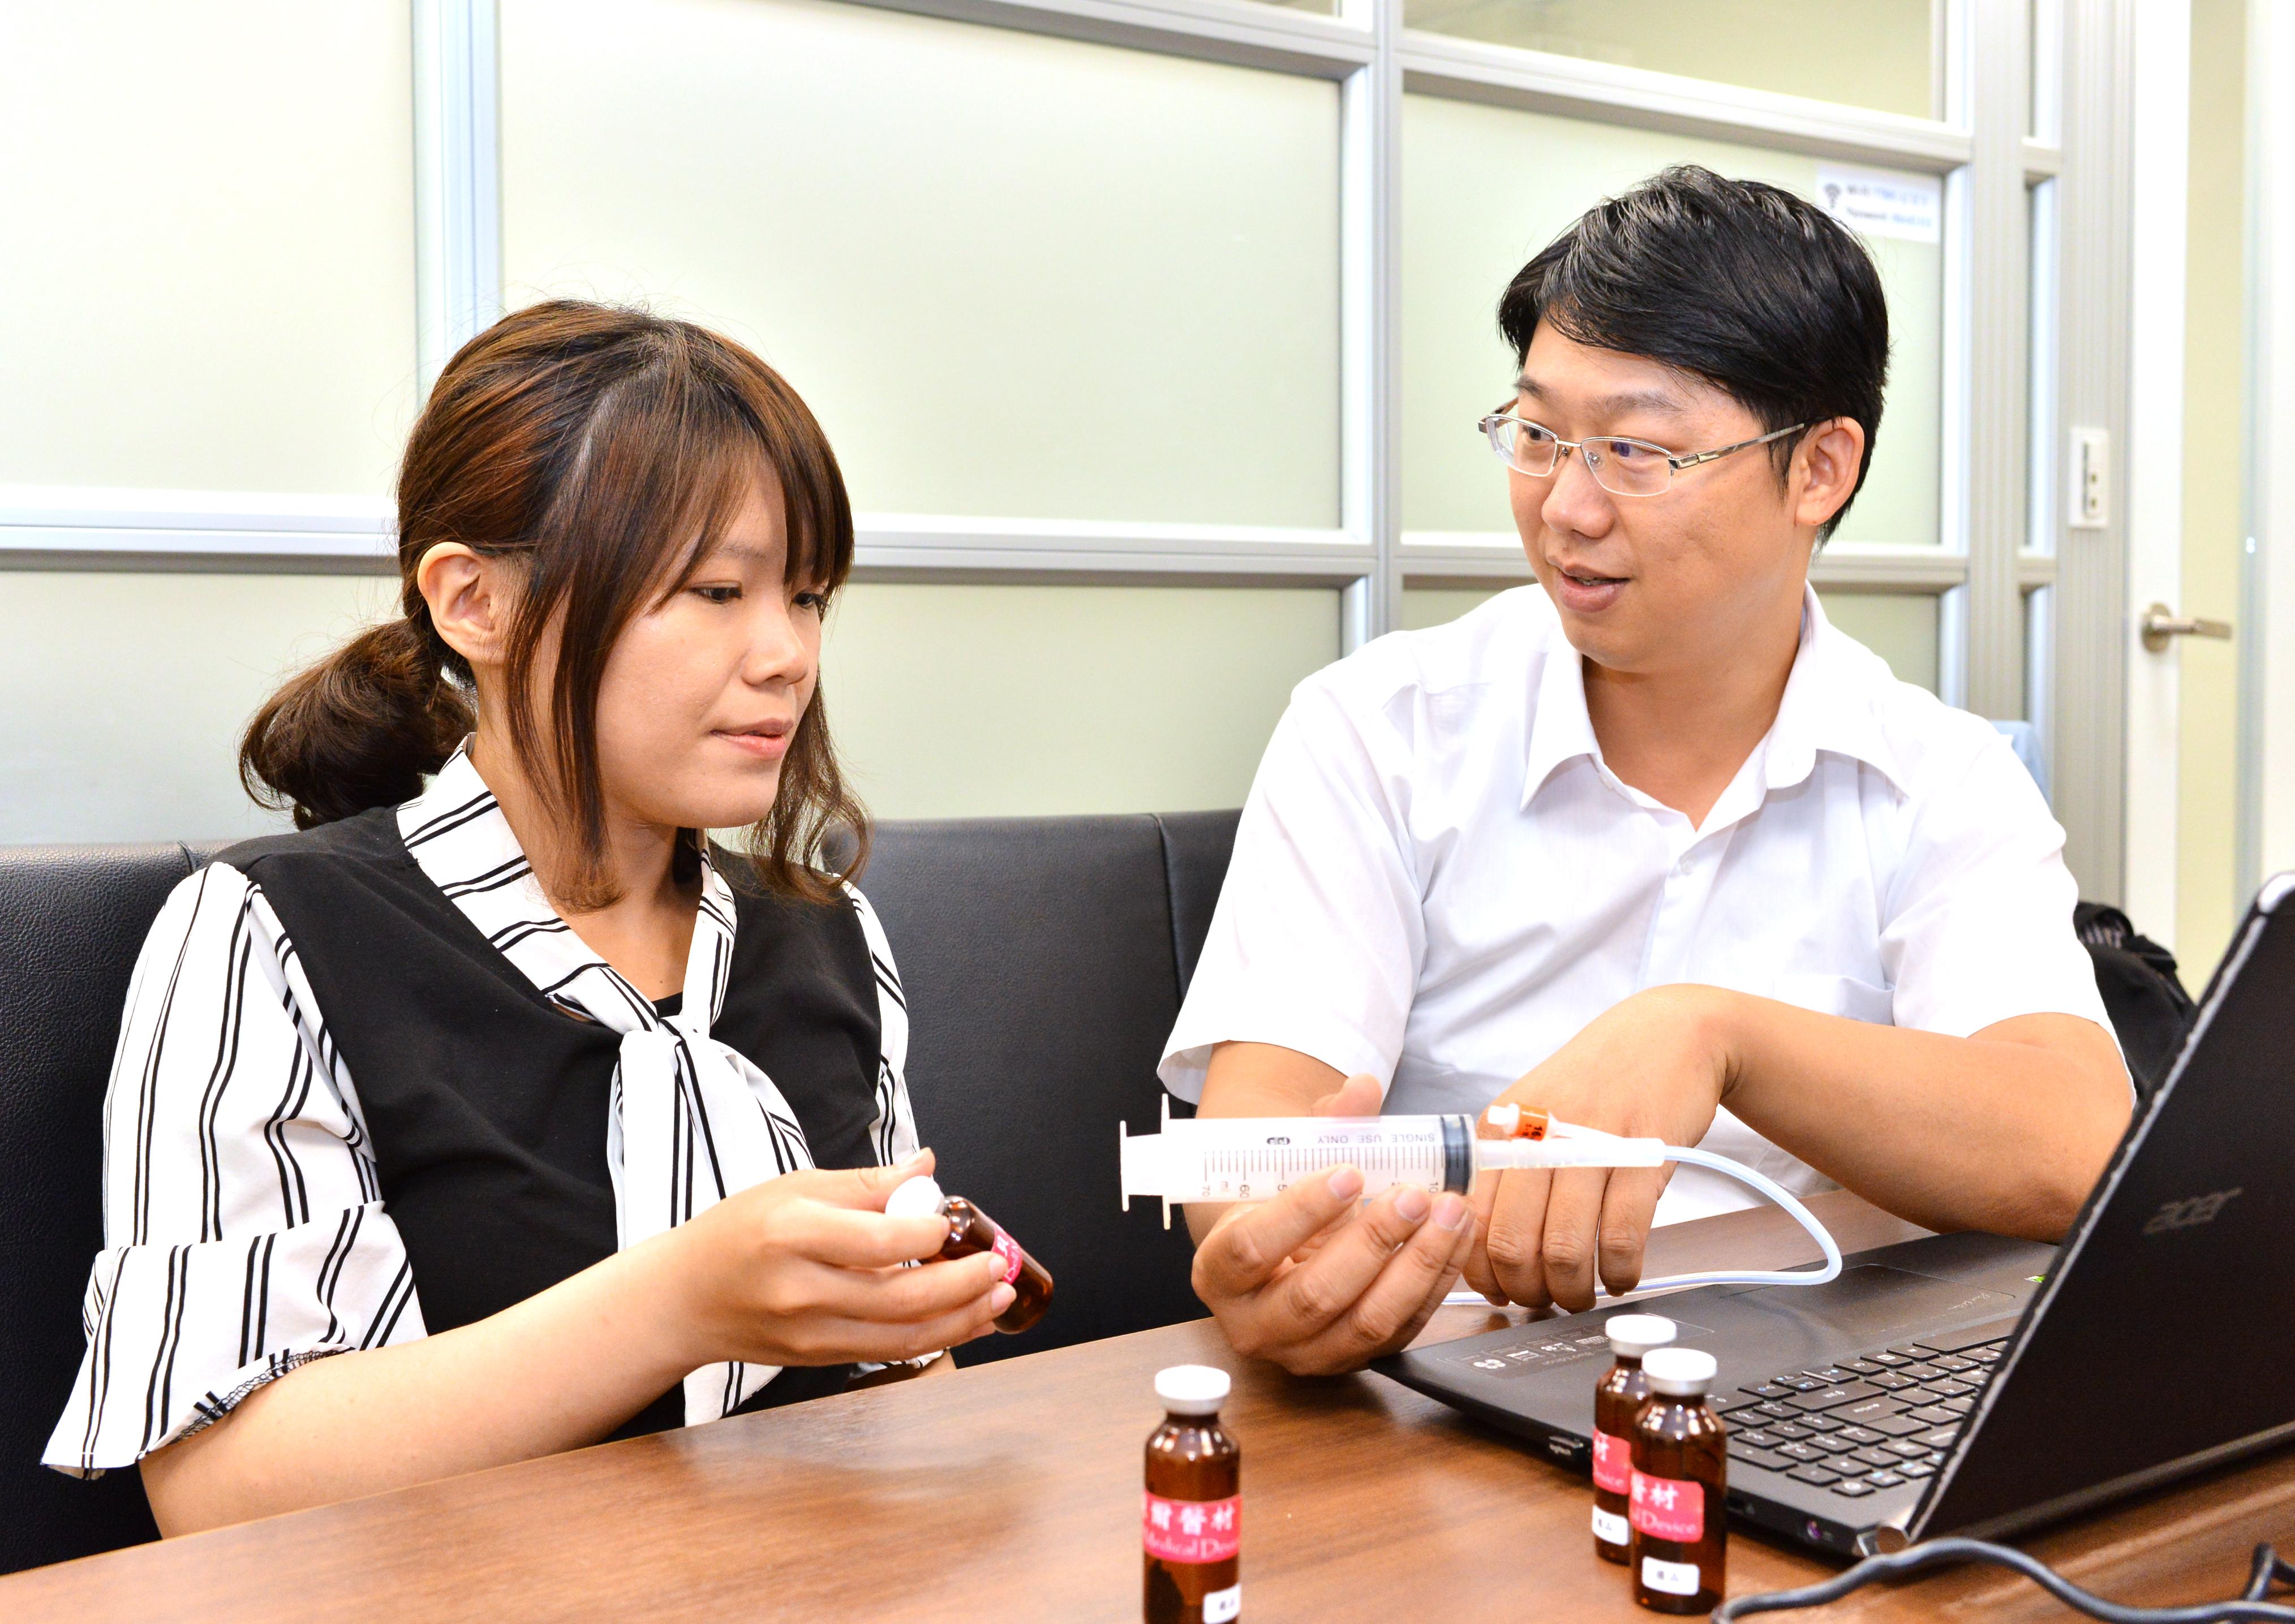 「貝爾醫材」成員洪銘謙(左)與張嘉容(右)